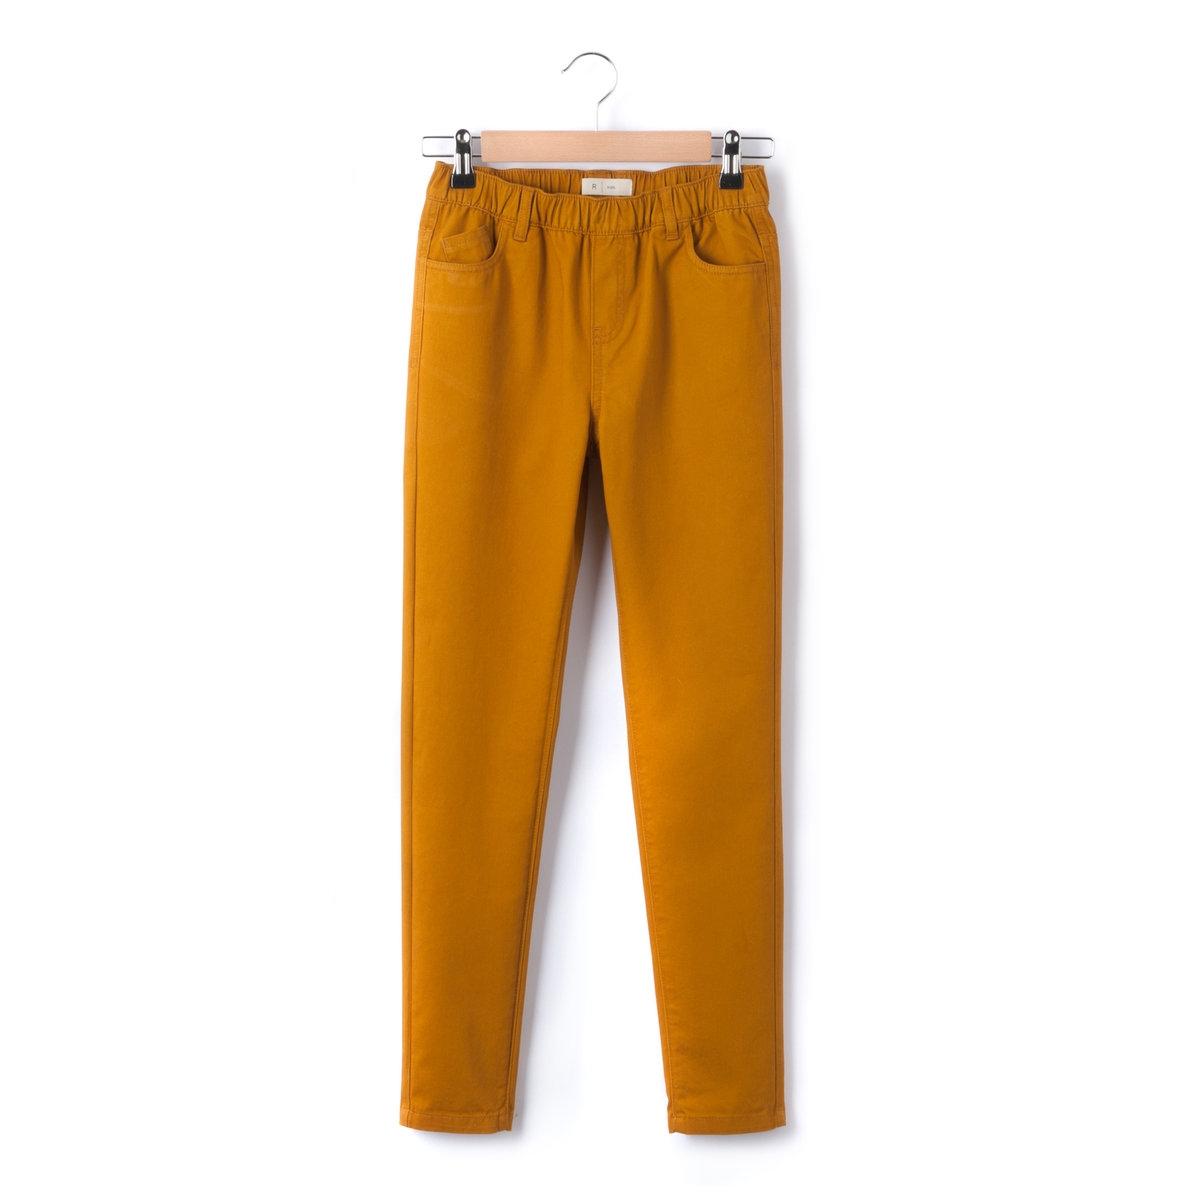 Джеггинсы скинниДжеггинсы из трикотажа стретч: 70% хлопка, 27% полиэстера, 3% эластана. Совсем как джинсы скинни, но... с большим комфортом!   Эластичный пояс со шлевками для ремня. Ложная планка застежки. 2 кармана спереди + 1 часовой кармашек. 2 кармана сзади.<br><br>Цвет: бордовый,темно-бежевый<br>Размер: 10 лет - 138 см.14 лет.16 лет.16 лет.12 лет -150 см